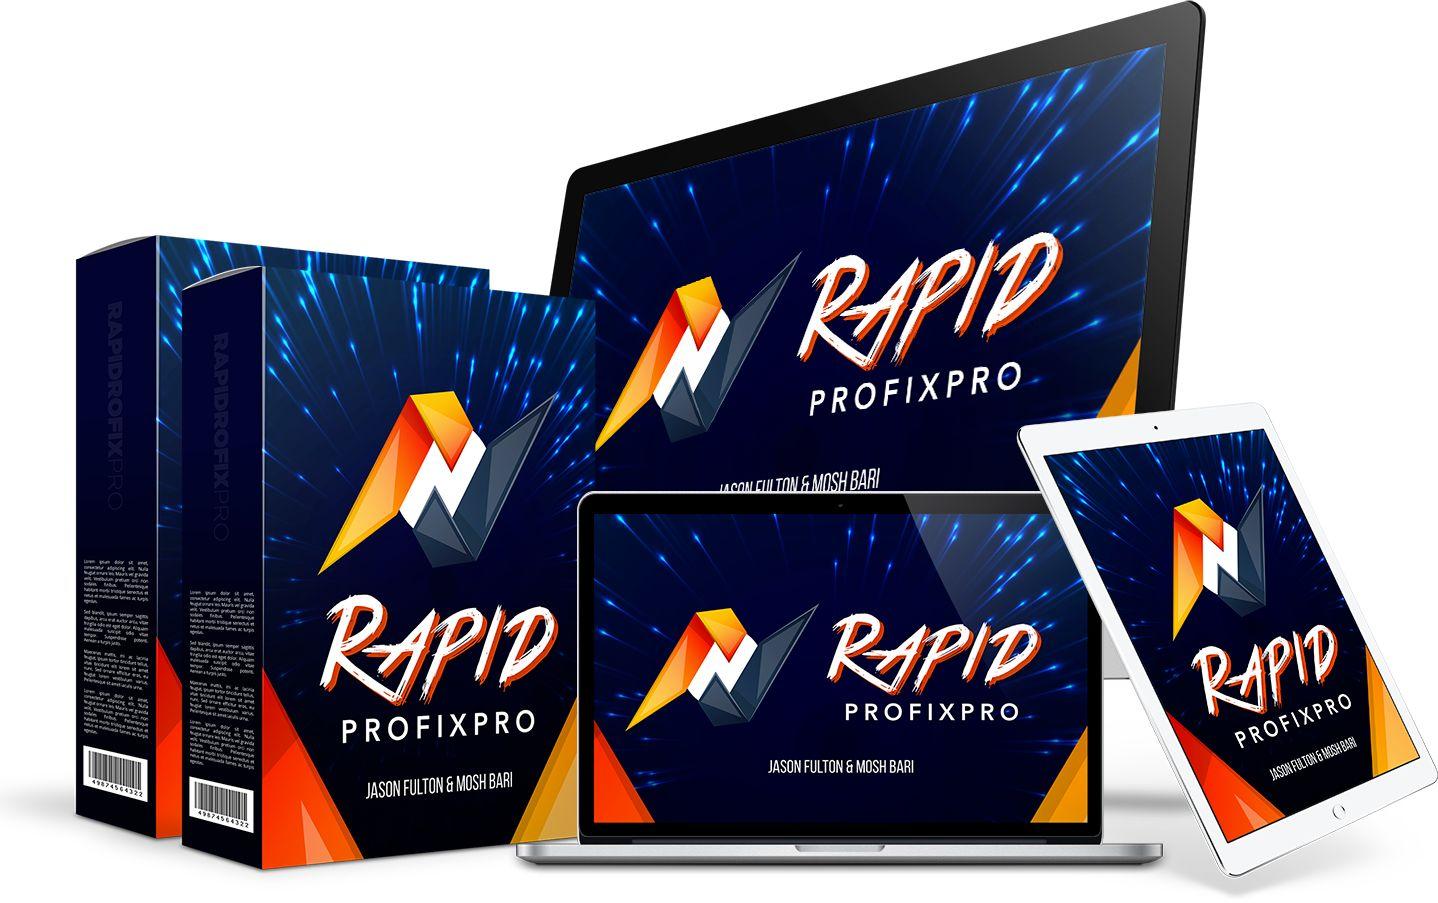 RapidProfixPro-Review